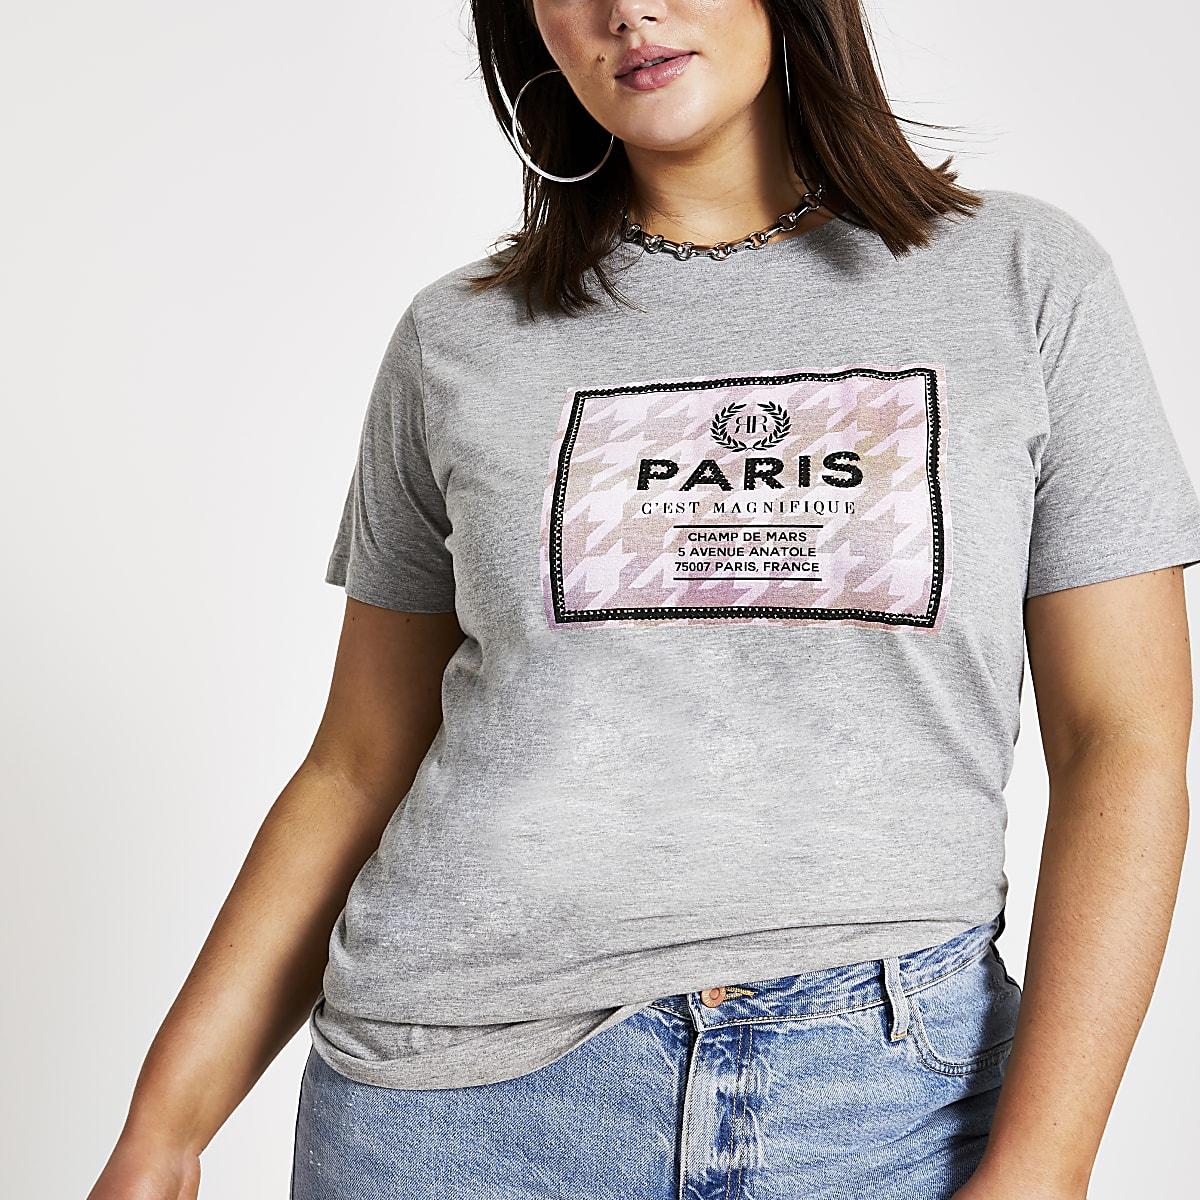 RI Plus - Grijs T-shirt met Paris-print in vak